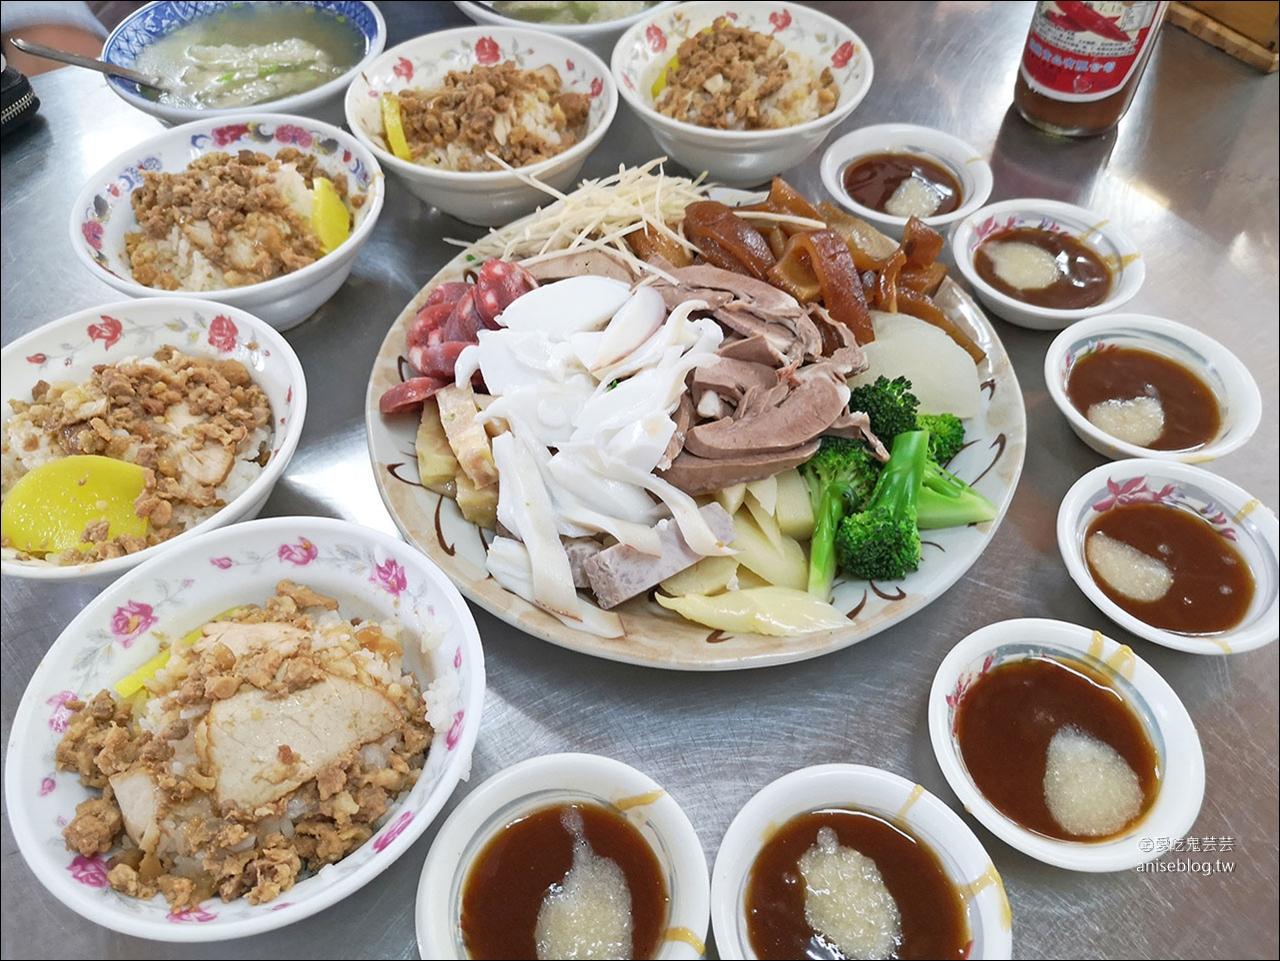 嘉義早午餐 | 朝陽街菜鴨、魯熟肉(源滷肉飯)